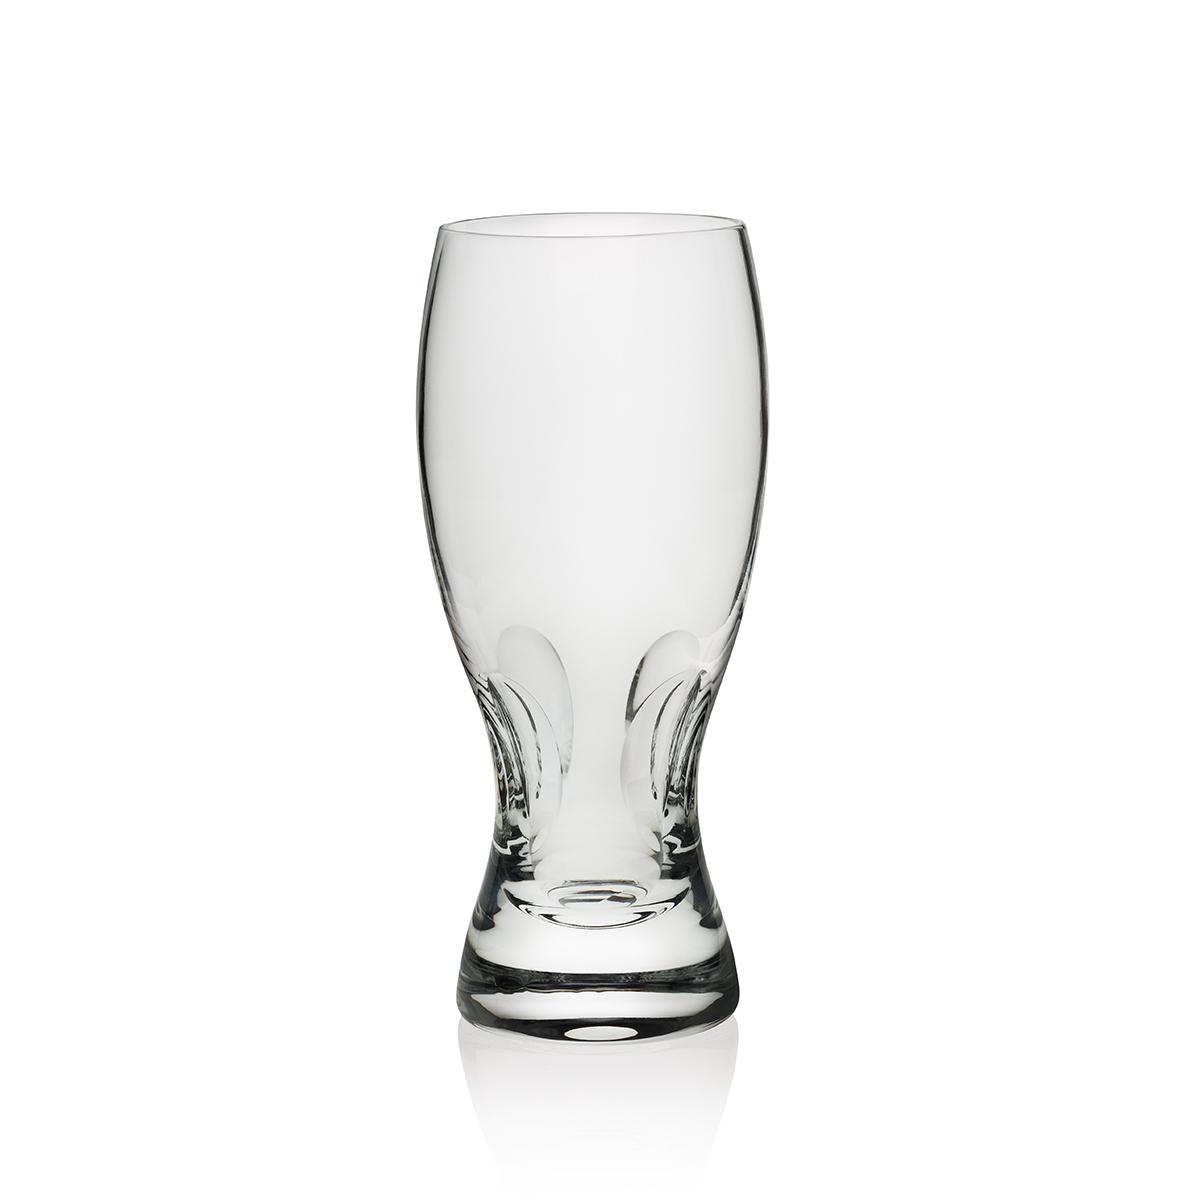 Steuben Verve Pilsner Glass, Single